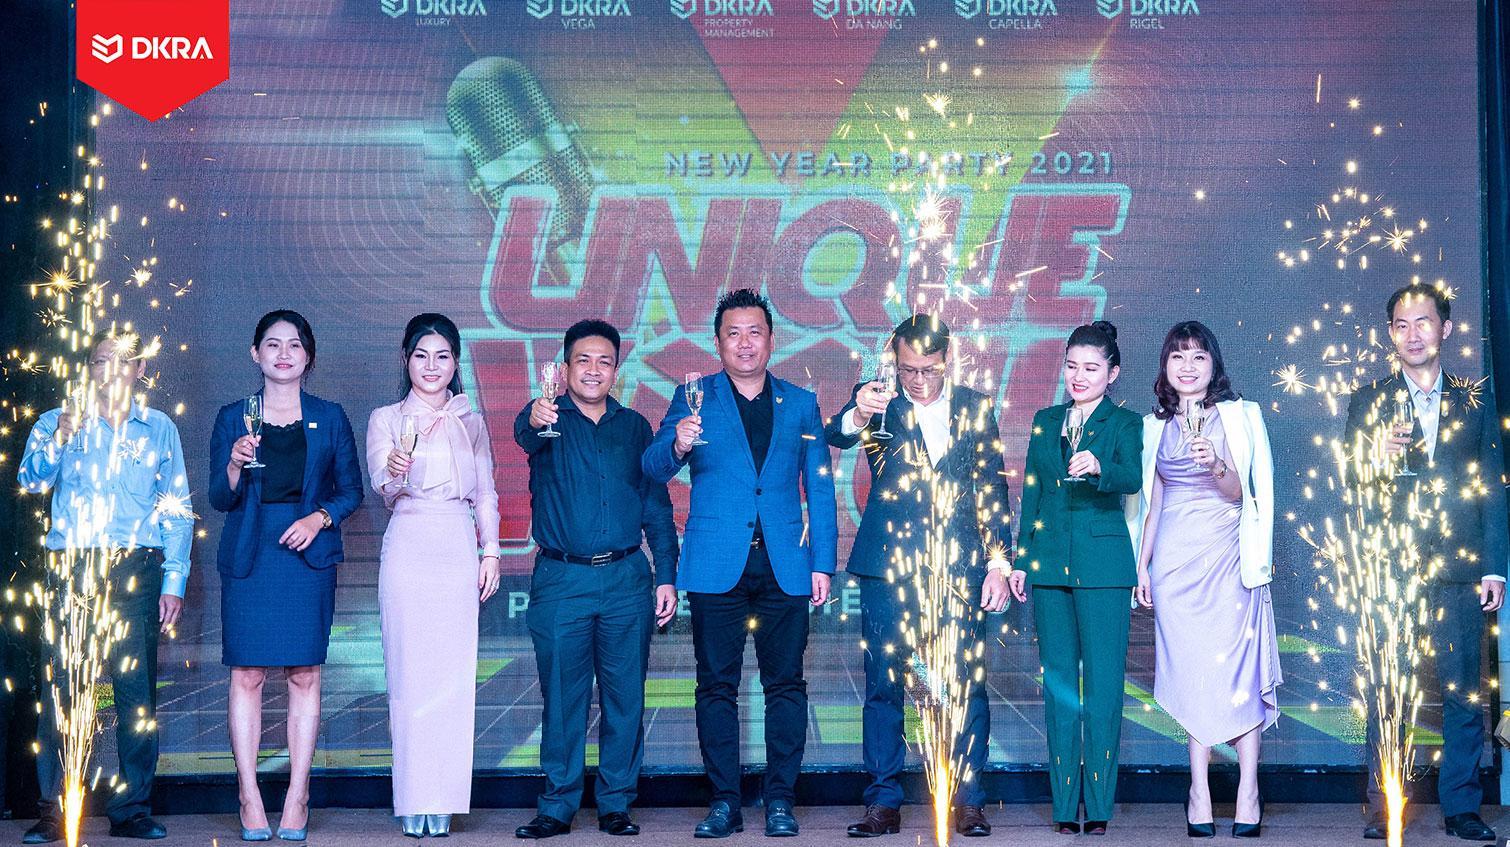 """DKRA VIETNAM NGẬP TRÀN NĂNG LƯỢNG MỚI VỚI NEW YEAR PARTY 2021 - """"UNIQUE YOU"""""""